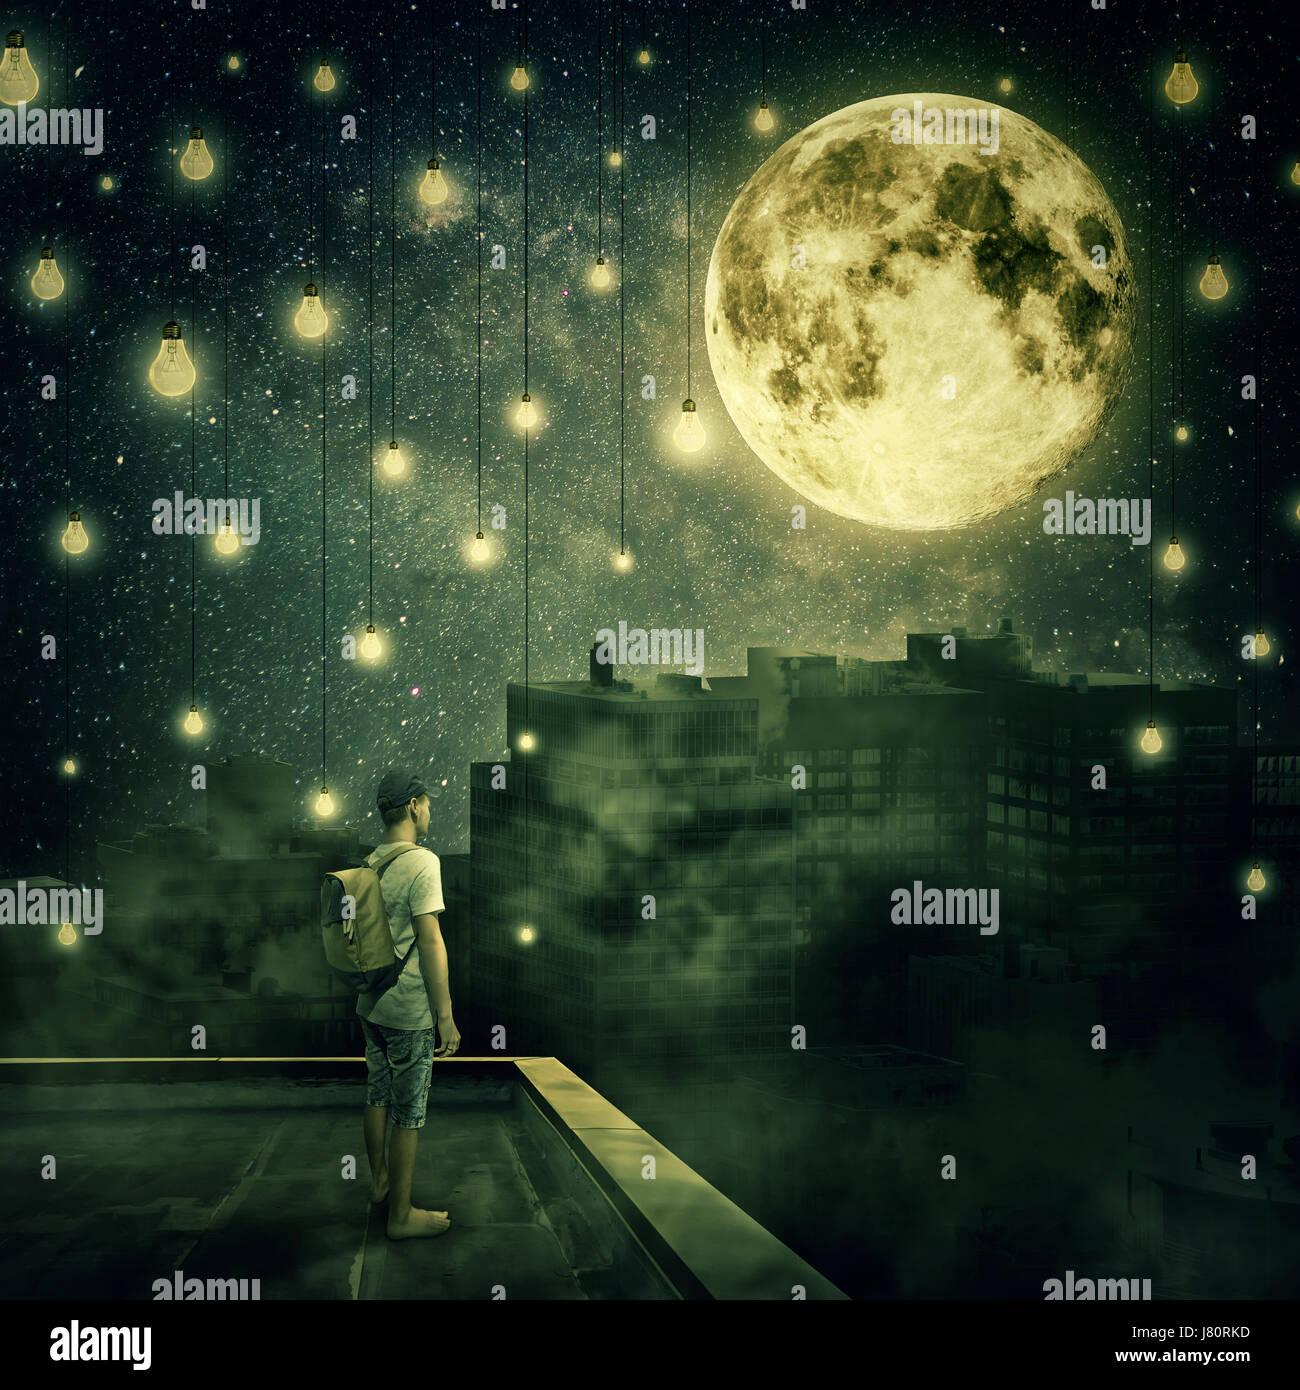 Kleiner Junge Aufenthalt auf der Dachterrasse, Blick auf den Vollmond. Geheimnisvolle Nacht mit hängenden Glühbirnen Stockbild